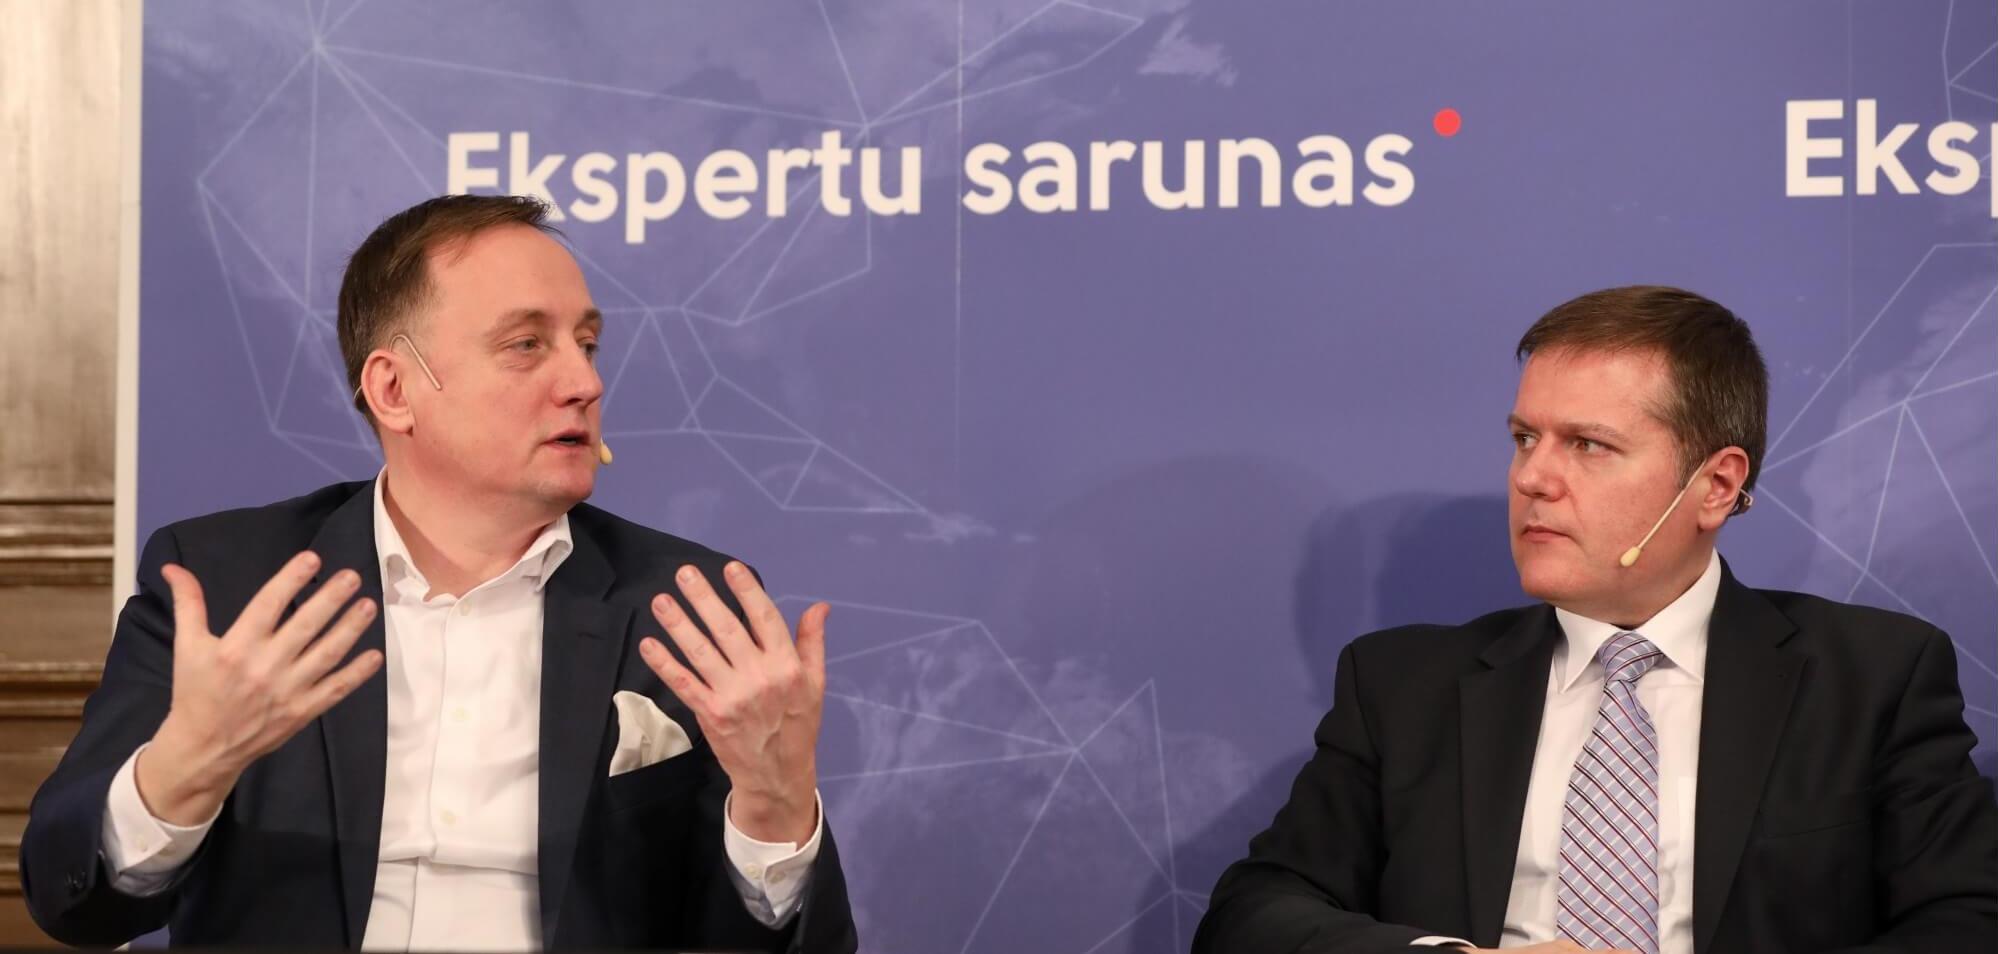 Ekspertu saruna: Ar valsts budžeta svirām pret nabadzību un nevienlīdzību